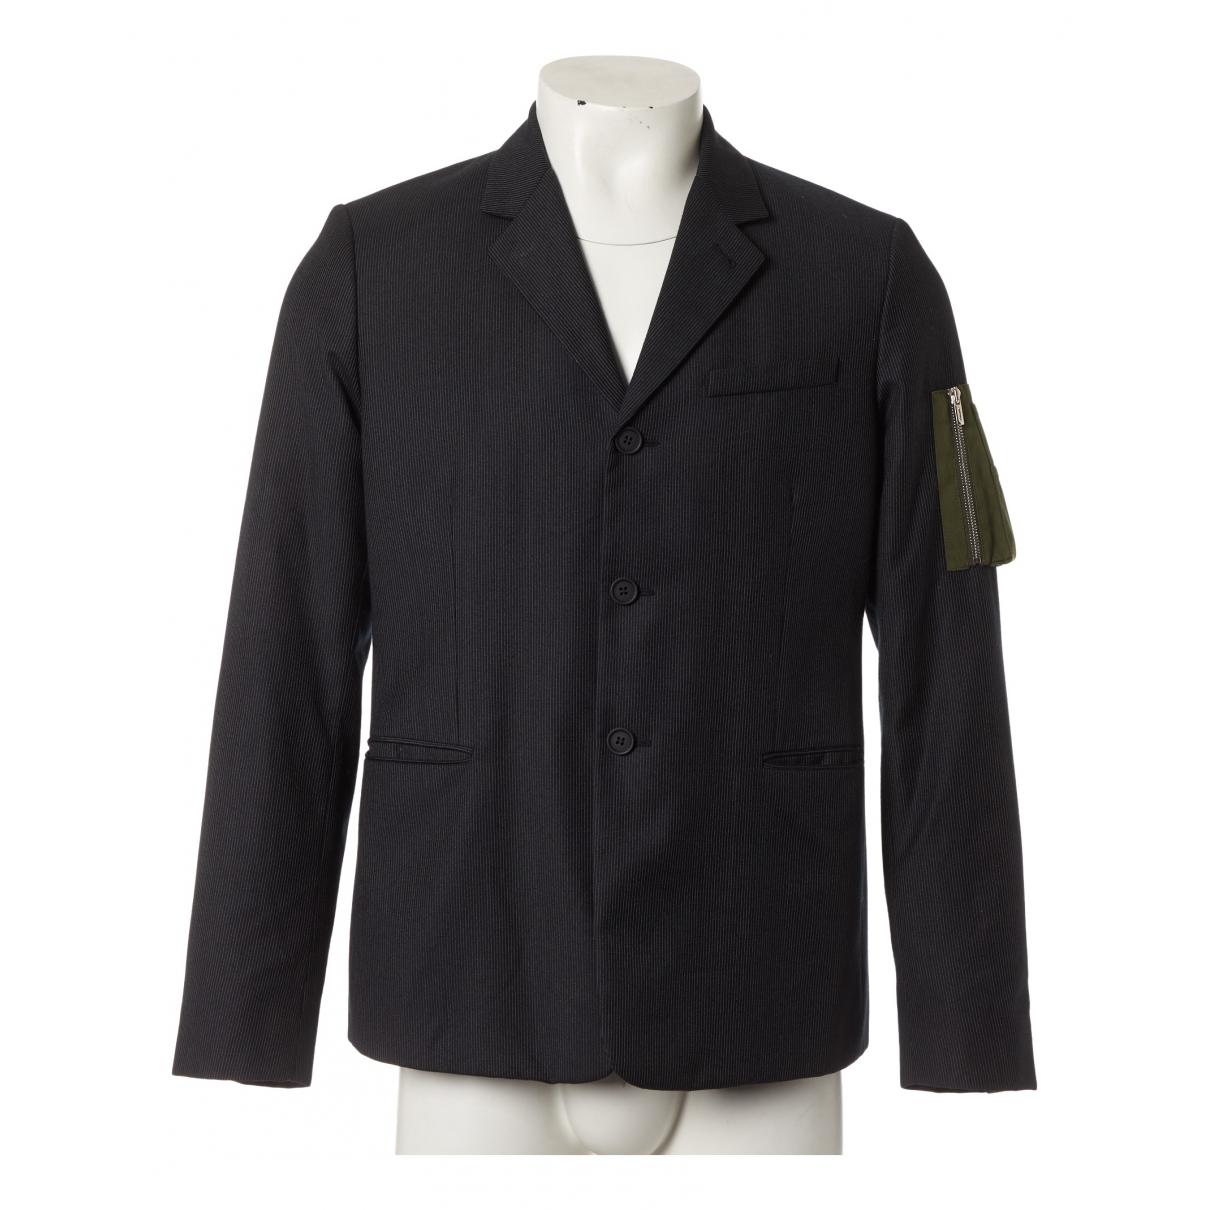 Dior - Vestes.Blousons   pour homme en laine - anthracite